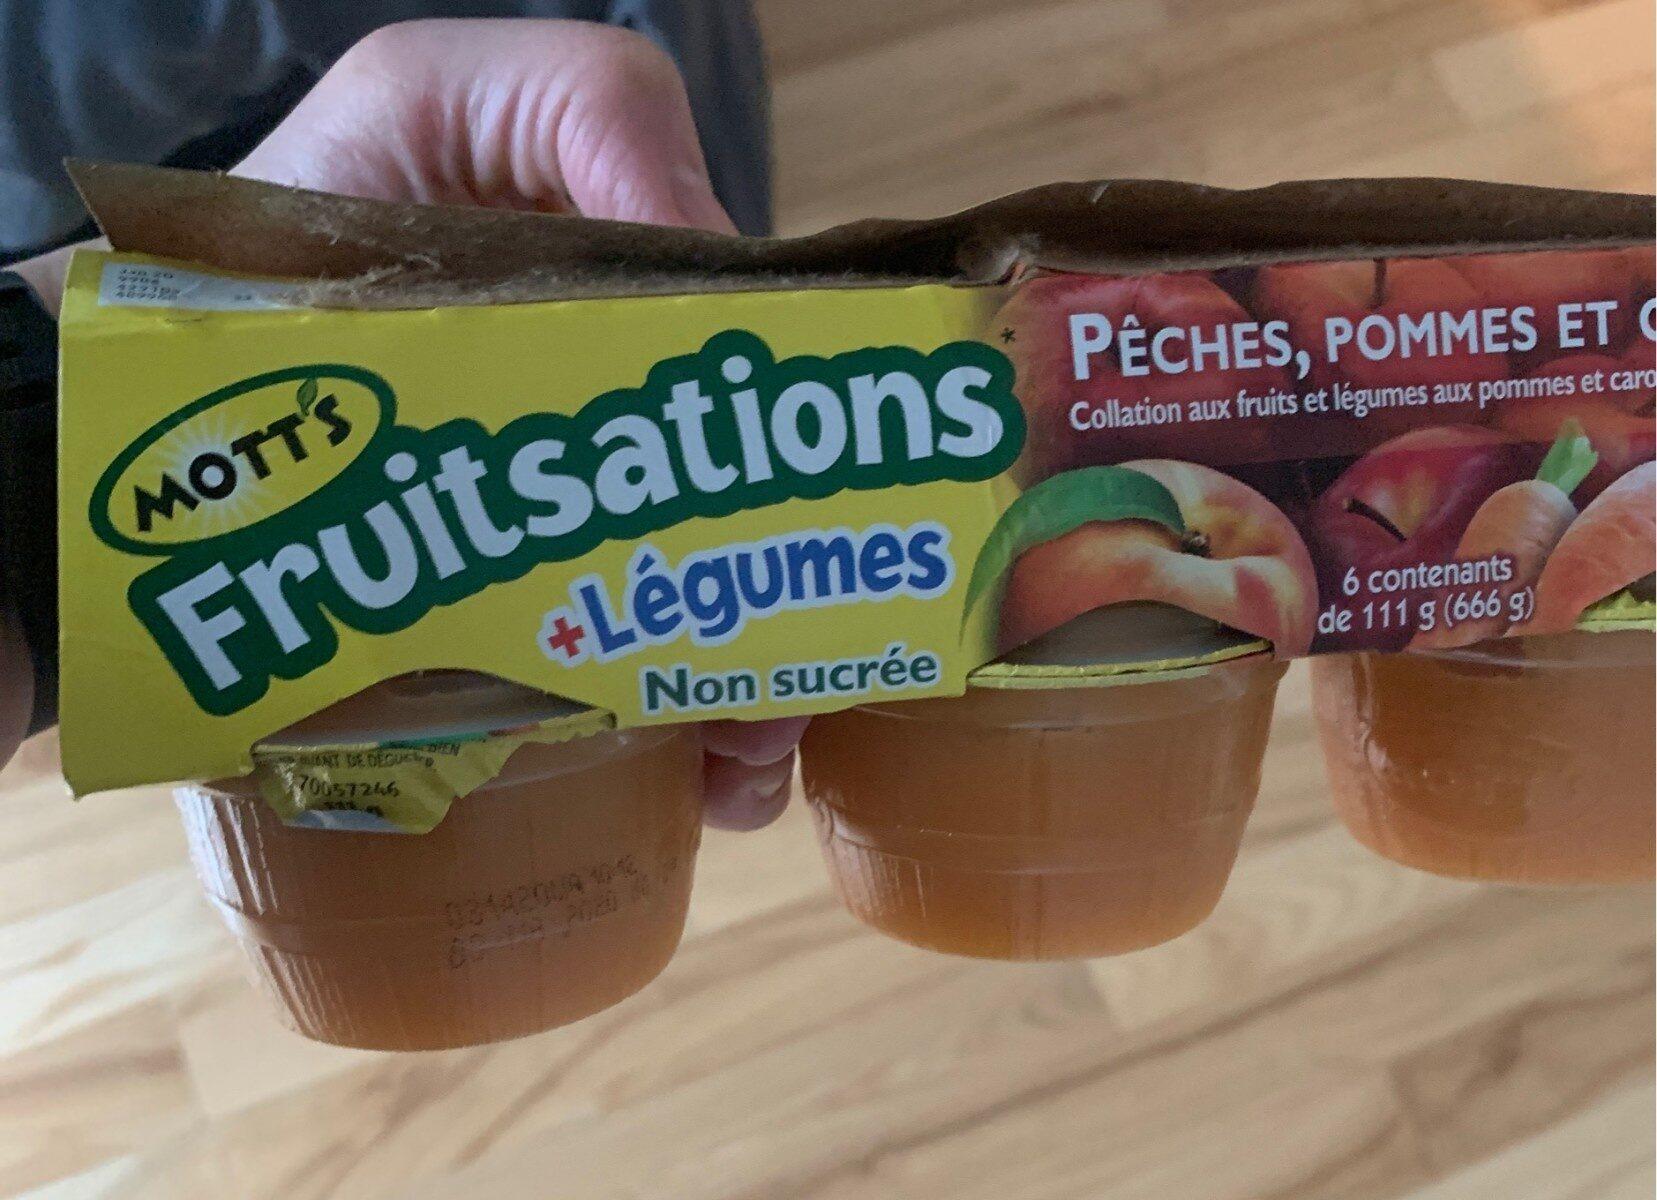 Compote peches pommes et carottes - Produit - fr